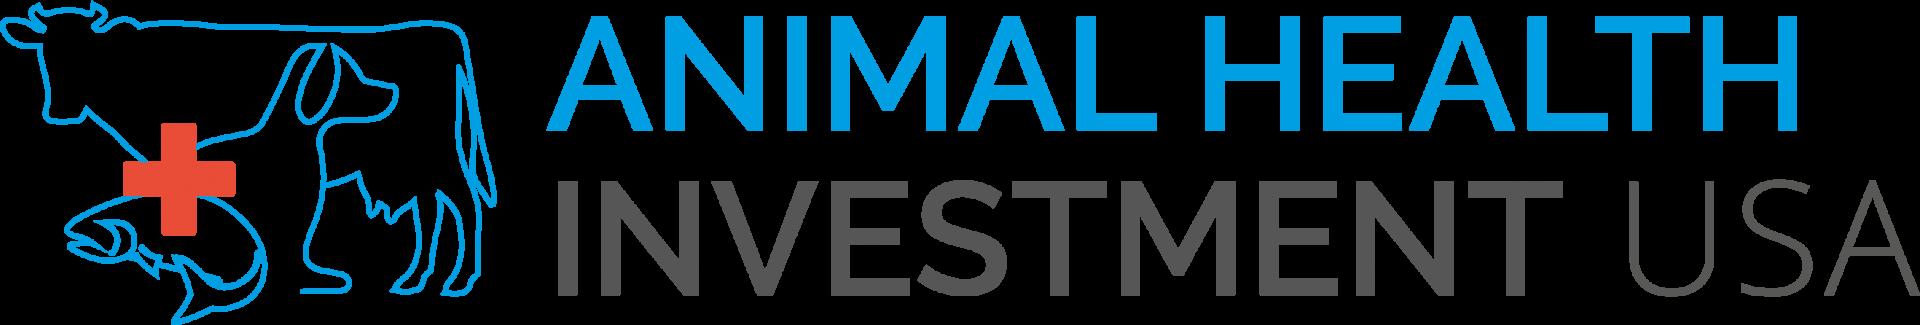 Animal Health USA 2019